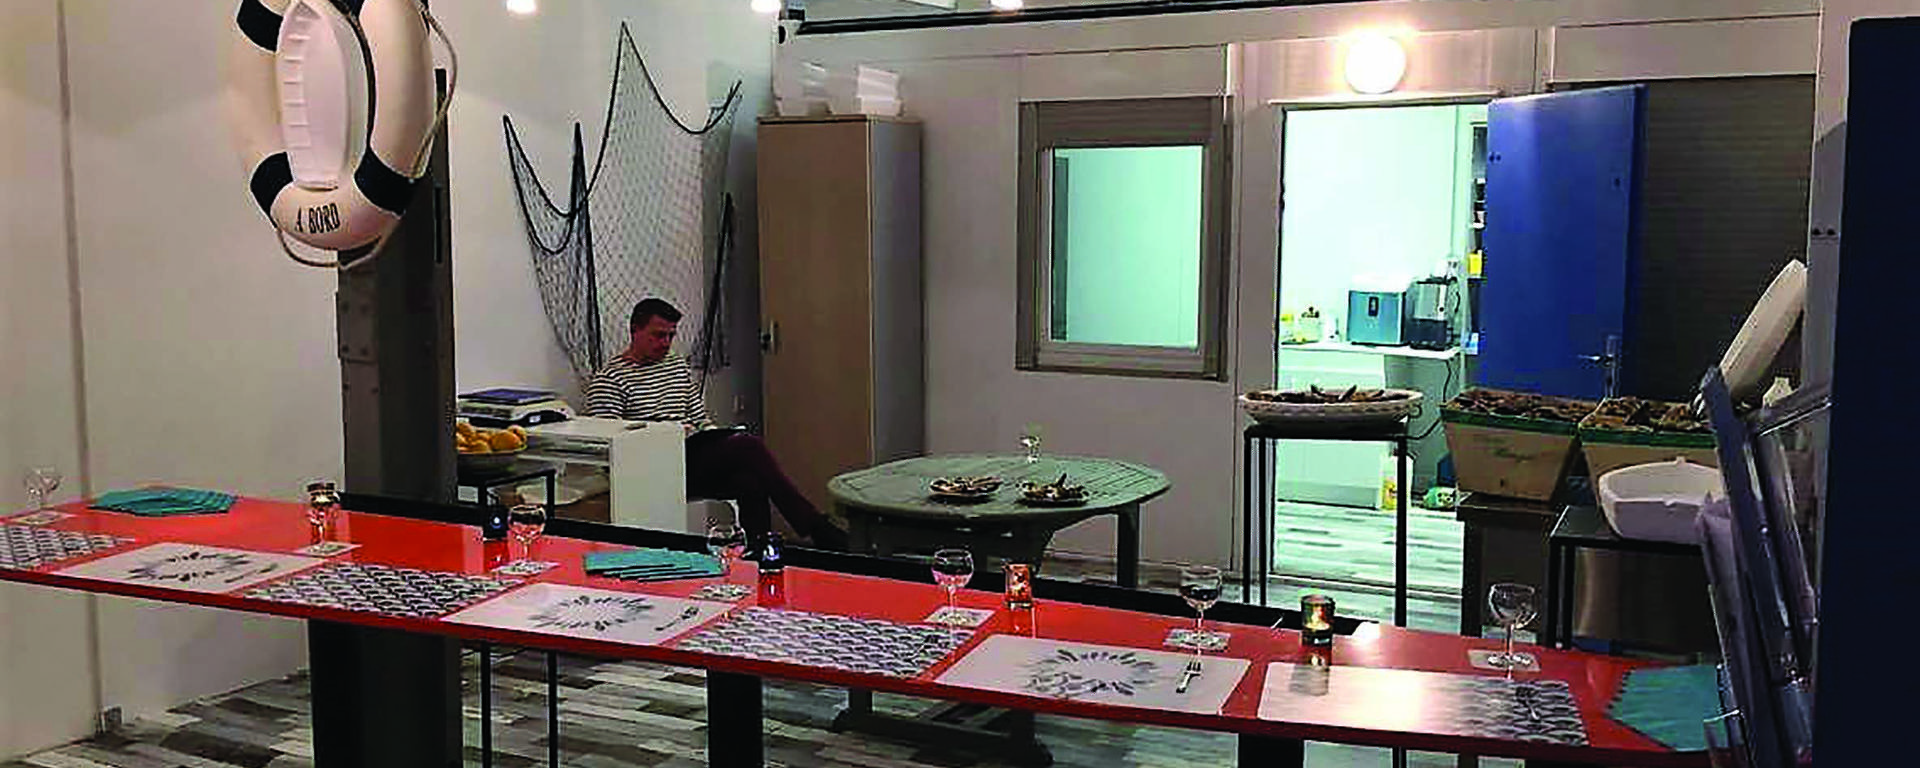 La bourriche bleue office de tourisme valenciennes tourisme congr s - Office tourisme valenciennes ...